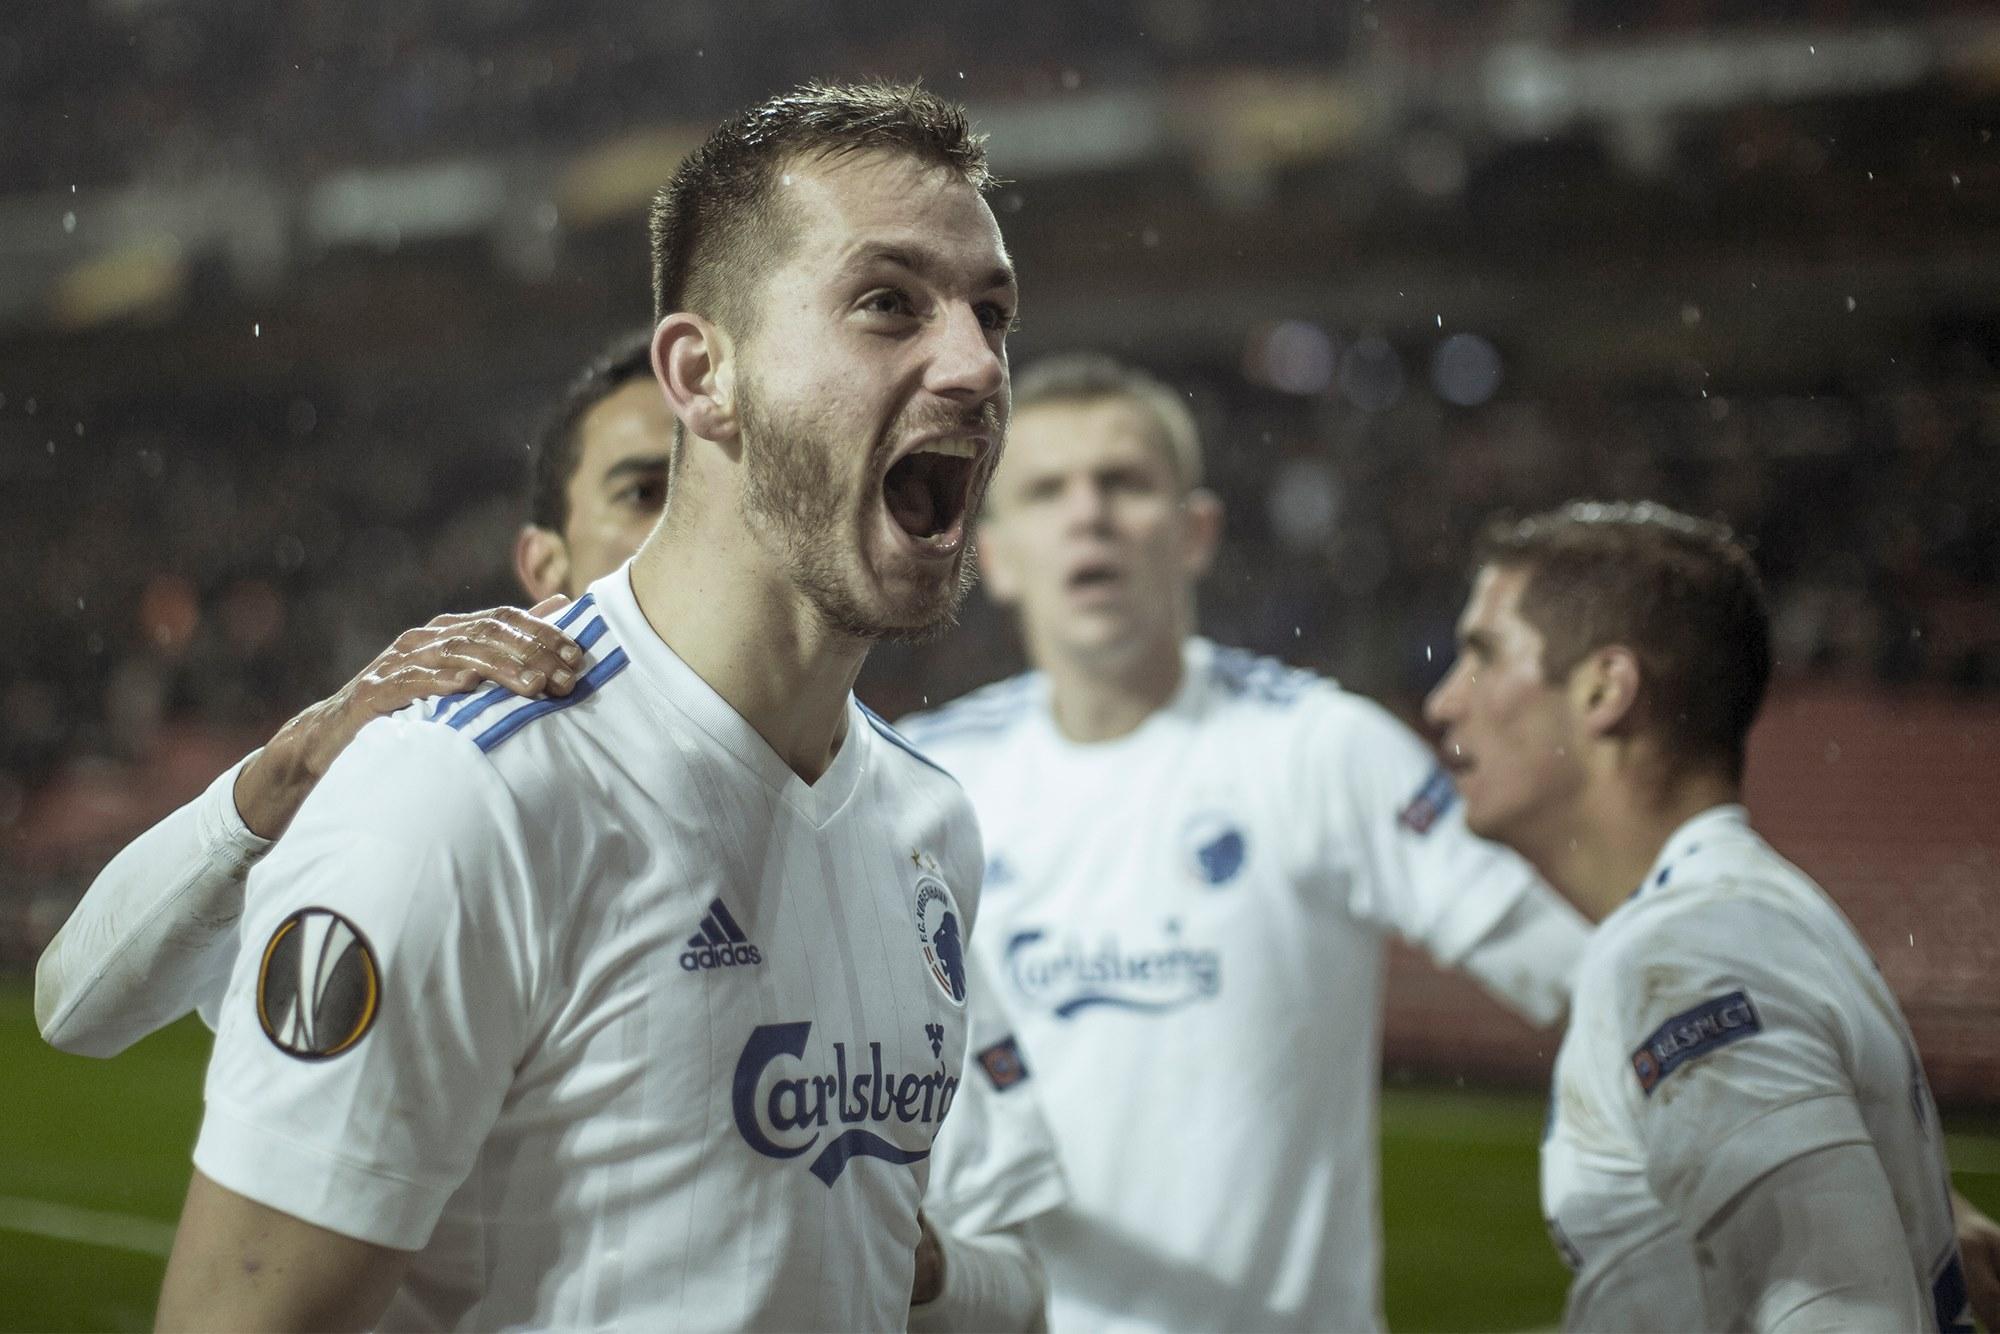 Danimarca Superliga domenica 16 settembre: nona giornata della Superliga danese, massimo torneo della Danimarca. Copenaghen primo a quota 19, +4 sul Midtjylland